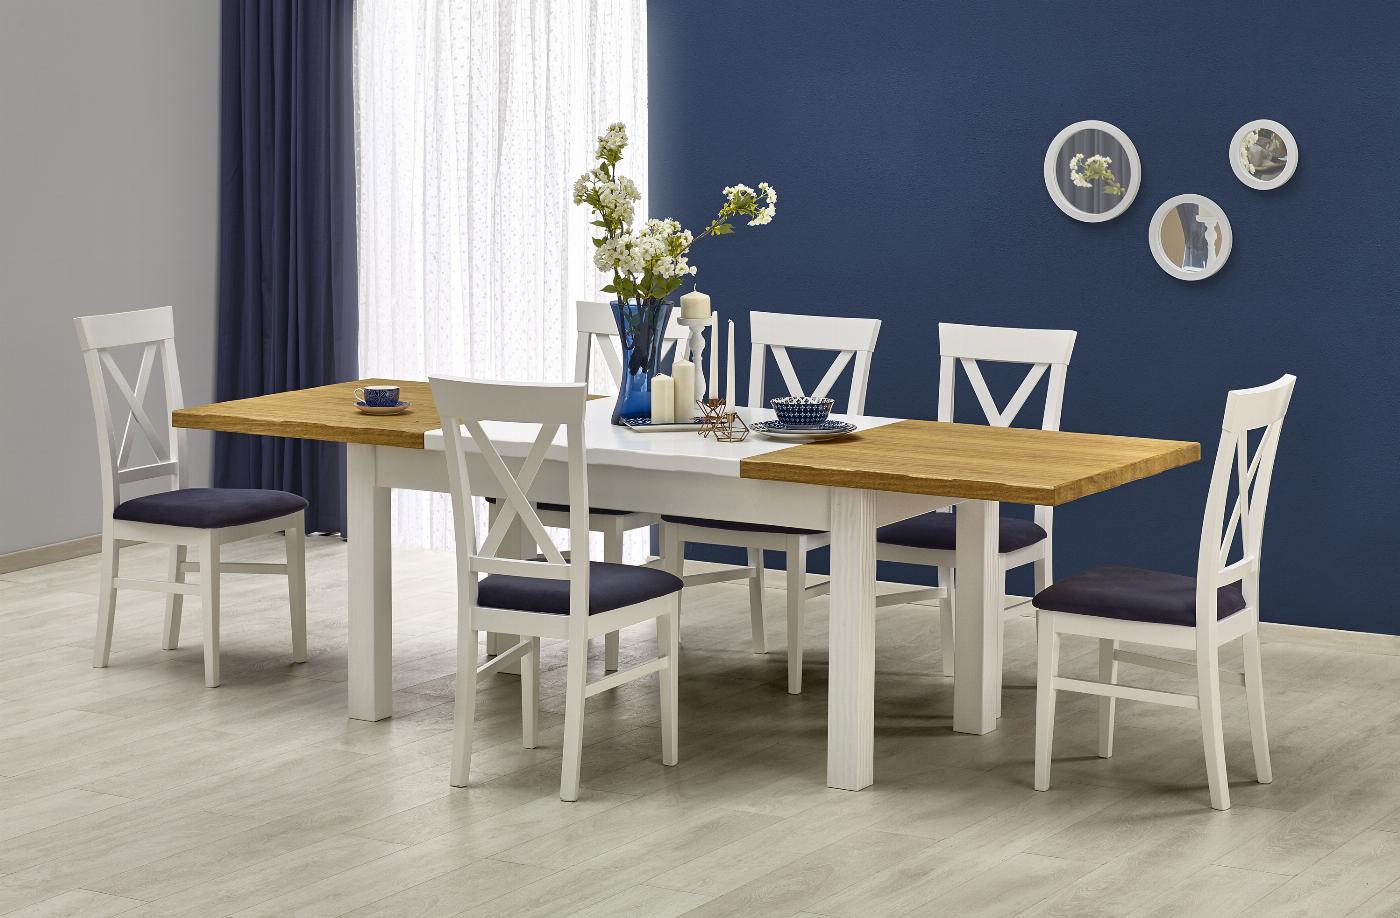 LEONARDO stół biały / dąb miodowy (1p=1szt)